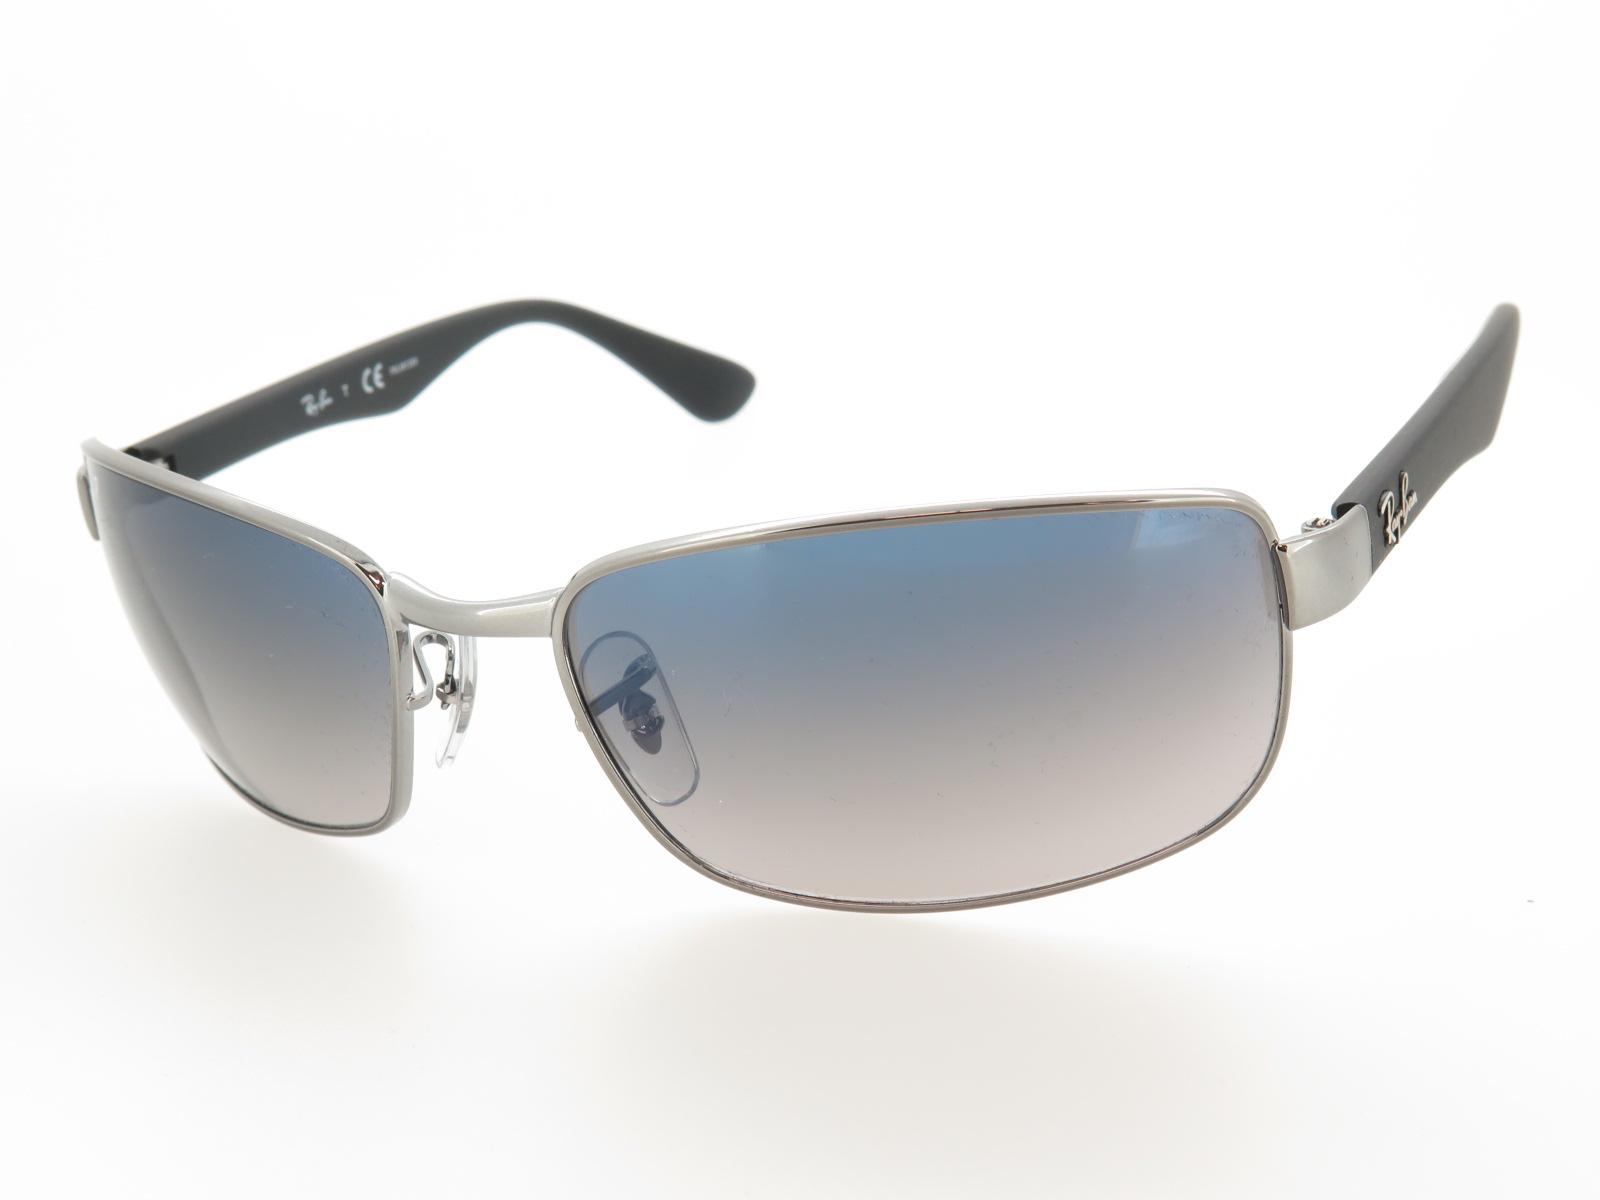 Ray-Ban レイバン ブランド サングラス 偏光レンズ RB3478 004/78 60サイズ